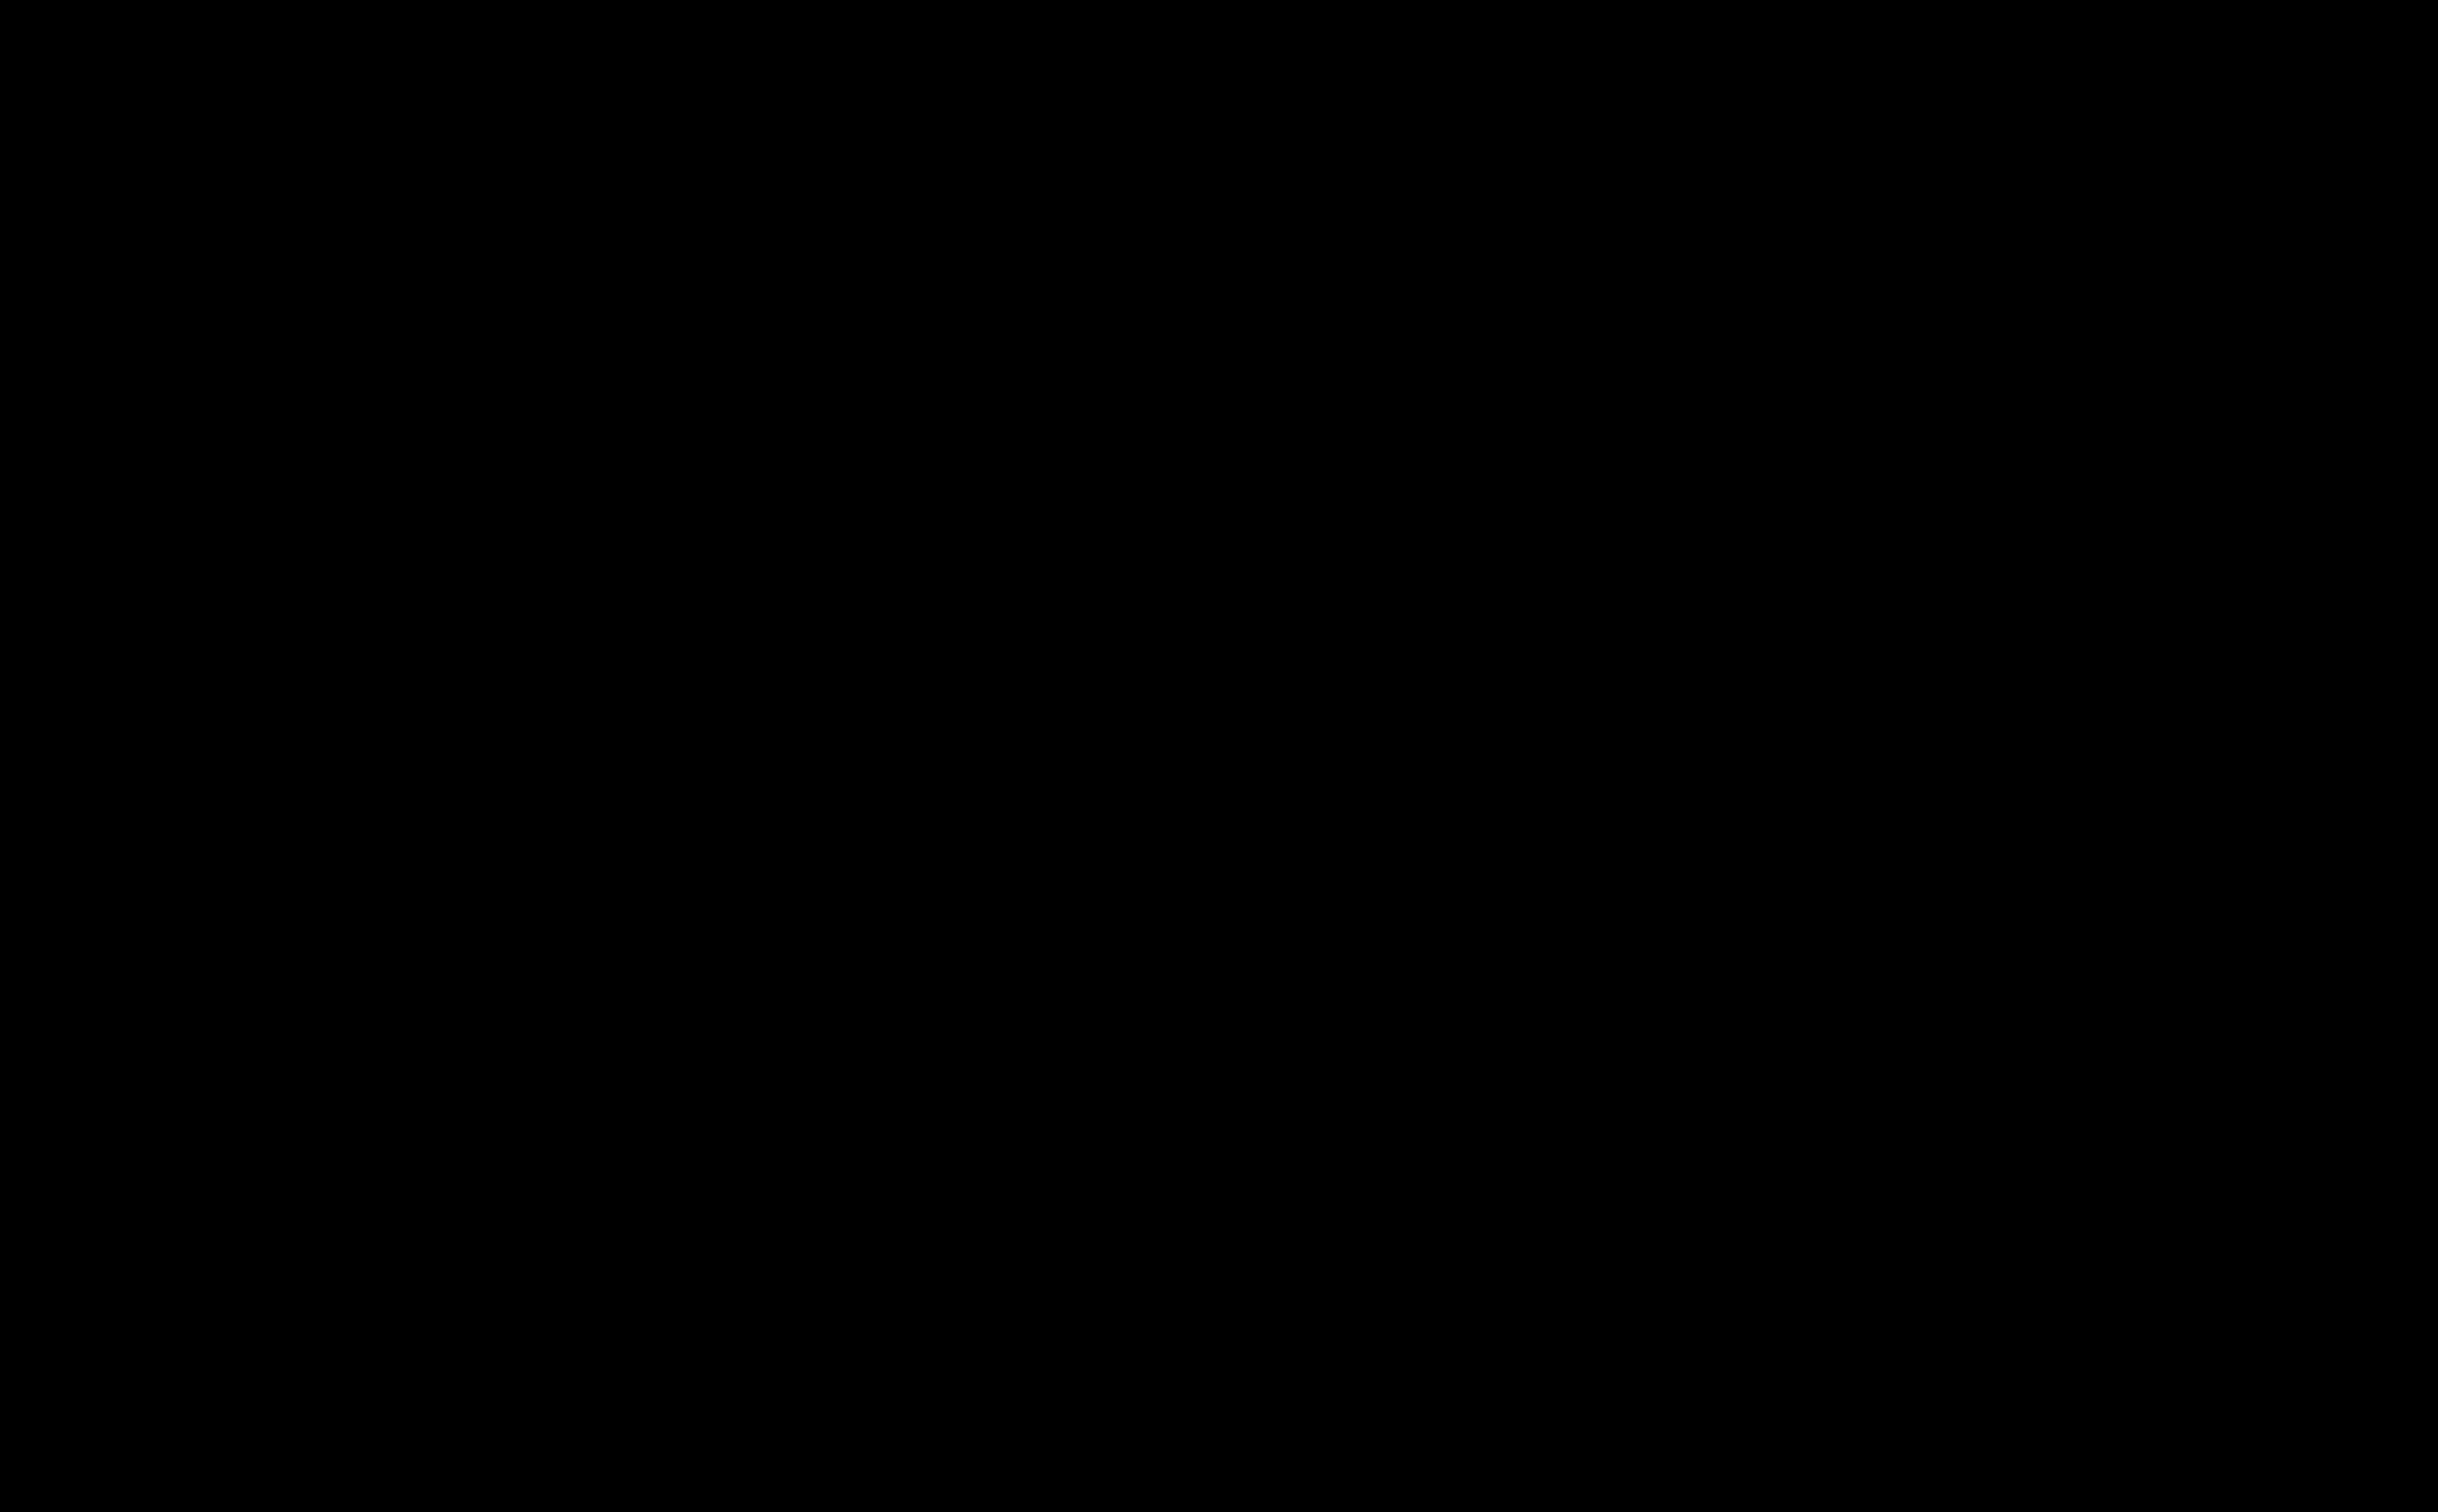 Naklejka na ścianę pistolet grafika 5f